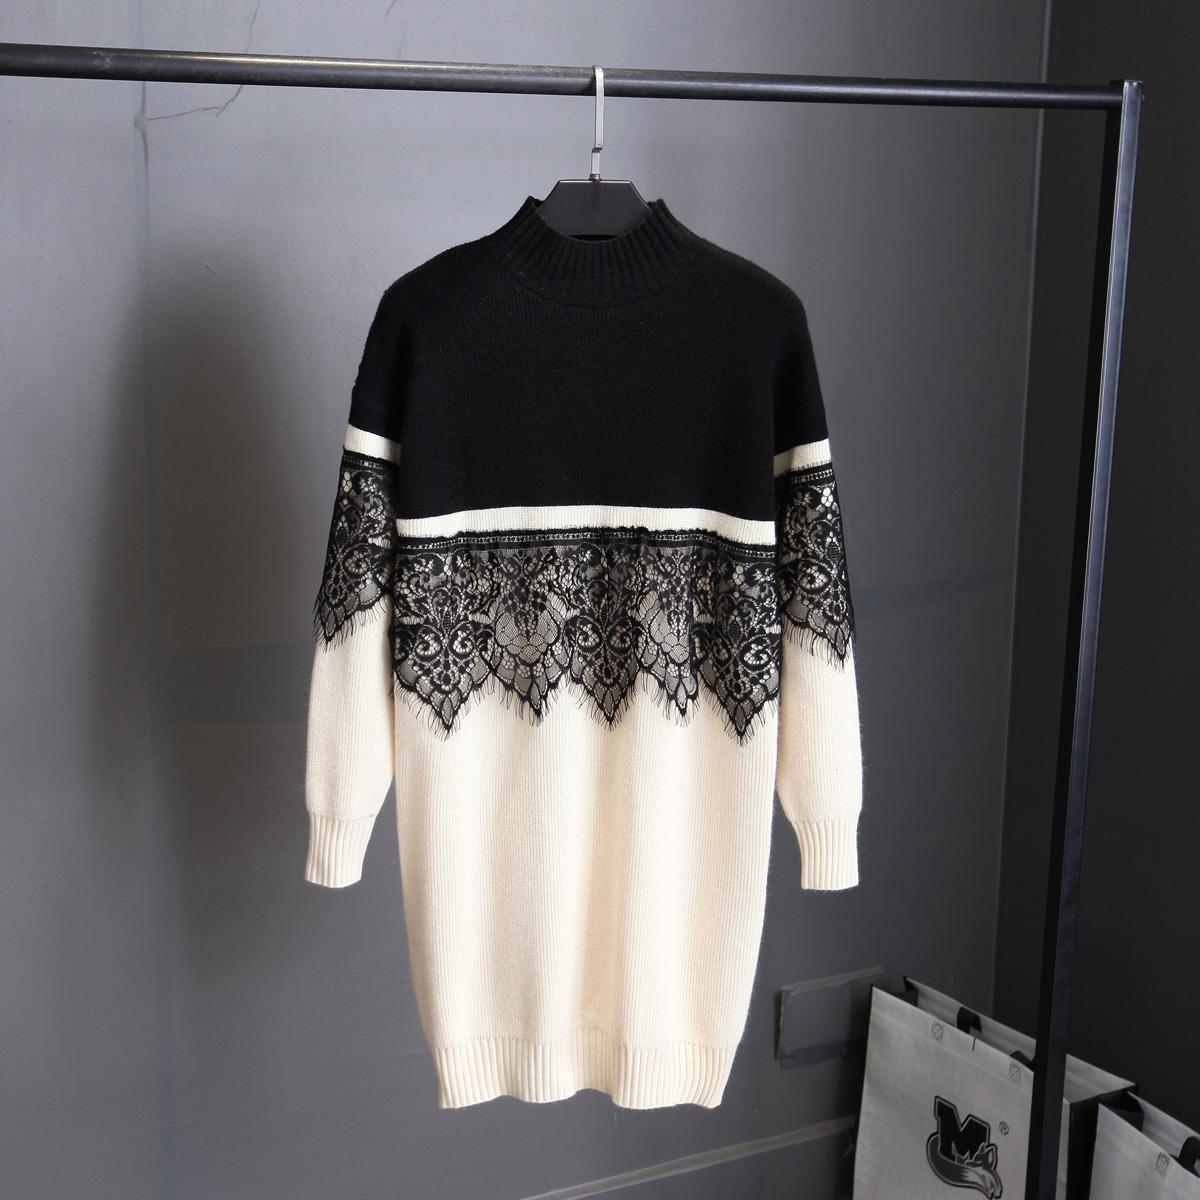 黑色蕾丝连衣裙 冬季新款欧洲站宽松蕾丝拼接撞色中长款毛衣女长袖打底针织连衣裙_推荐淘宝好看的黑色蕾丝连衣裙